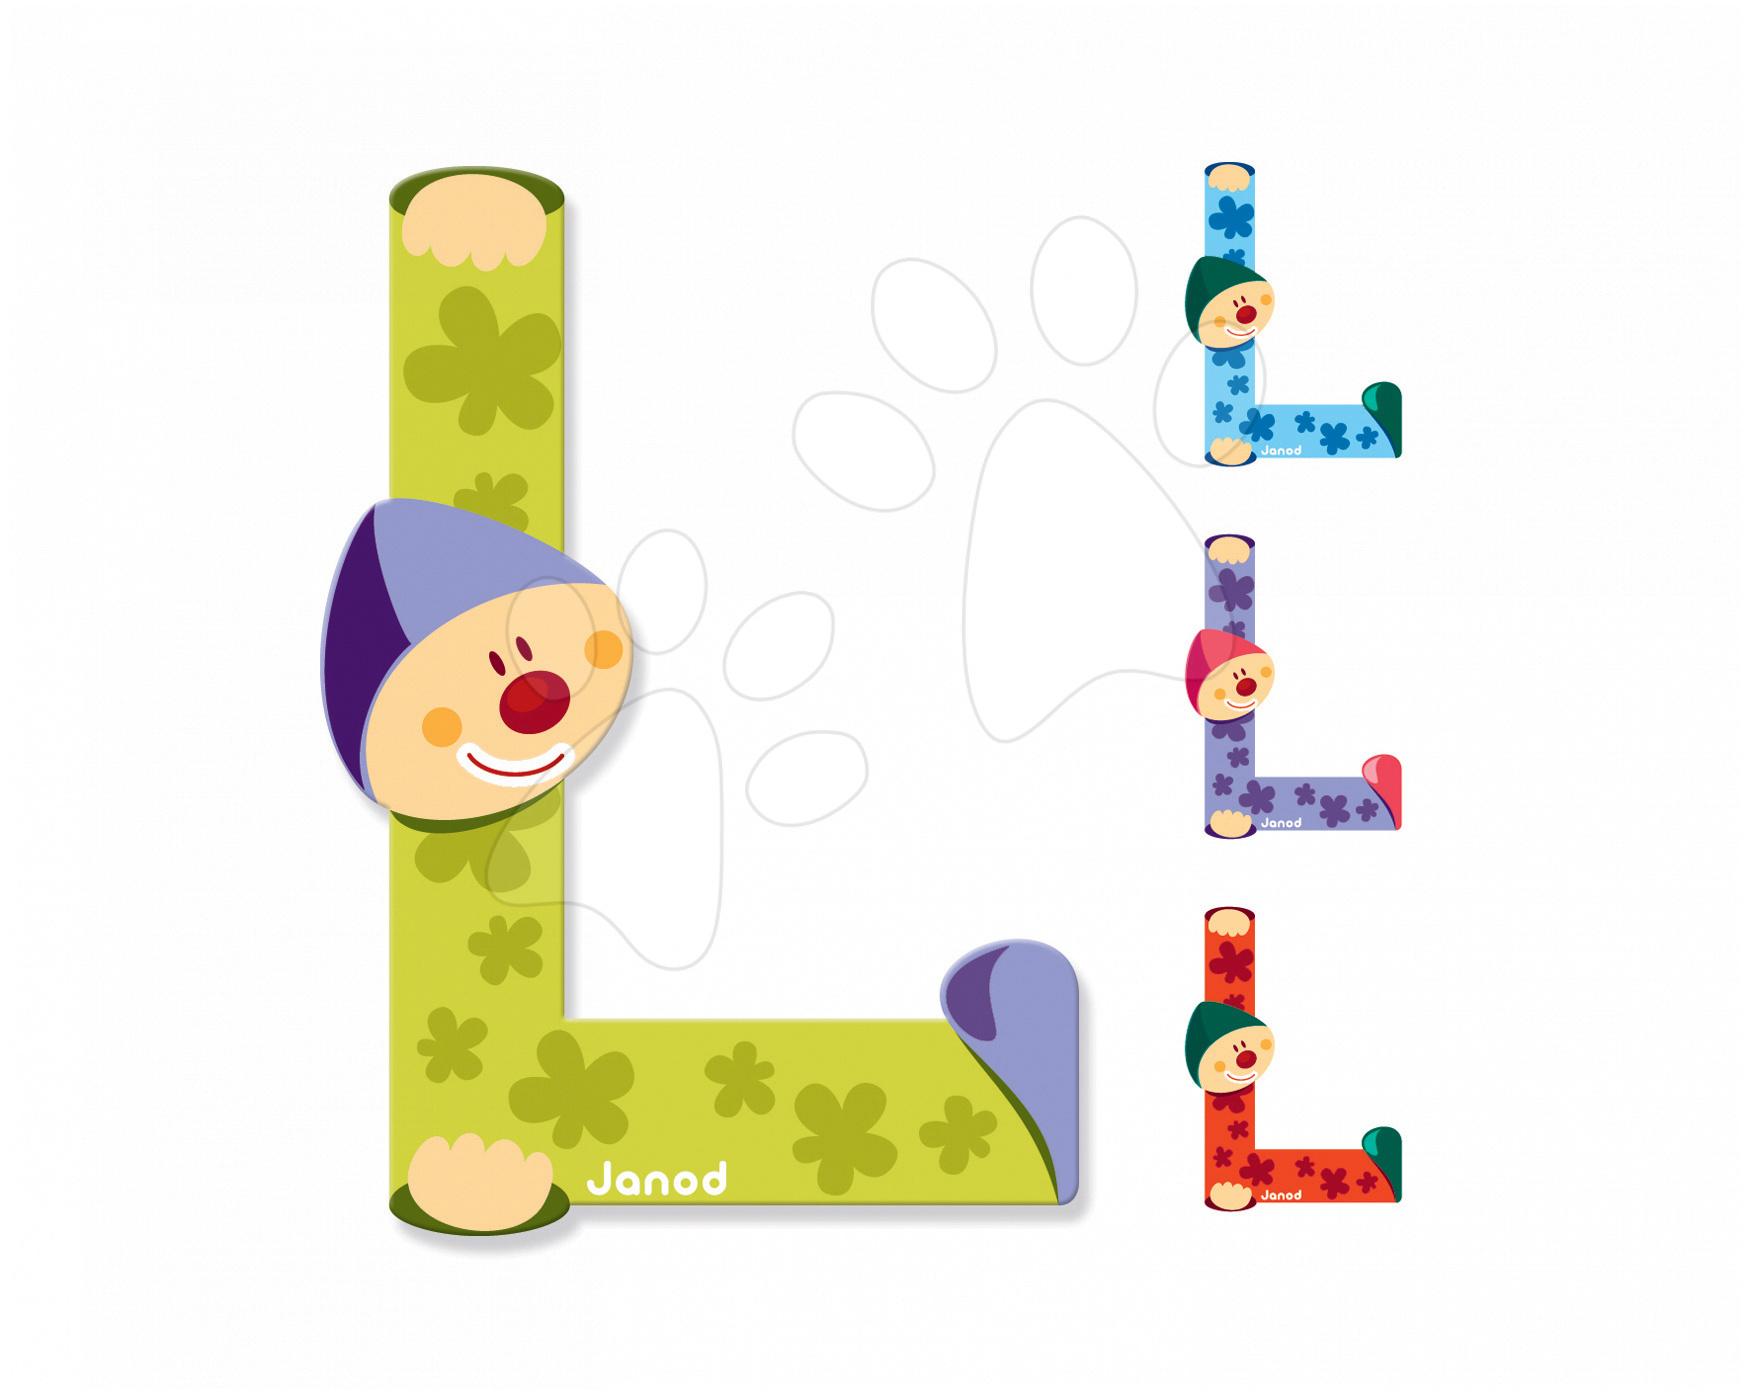 Dekorácie do detských izieb - Drevené písmeno L Clown Letter Janod lepiace 9 cm modré/zelené/fialové/oranžové od 3 rokov